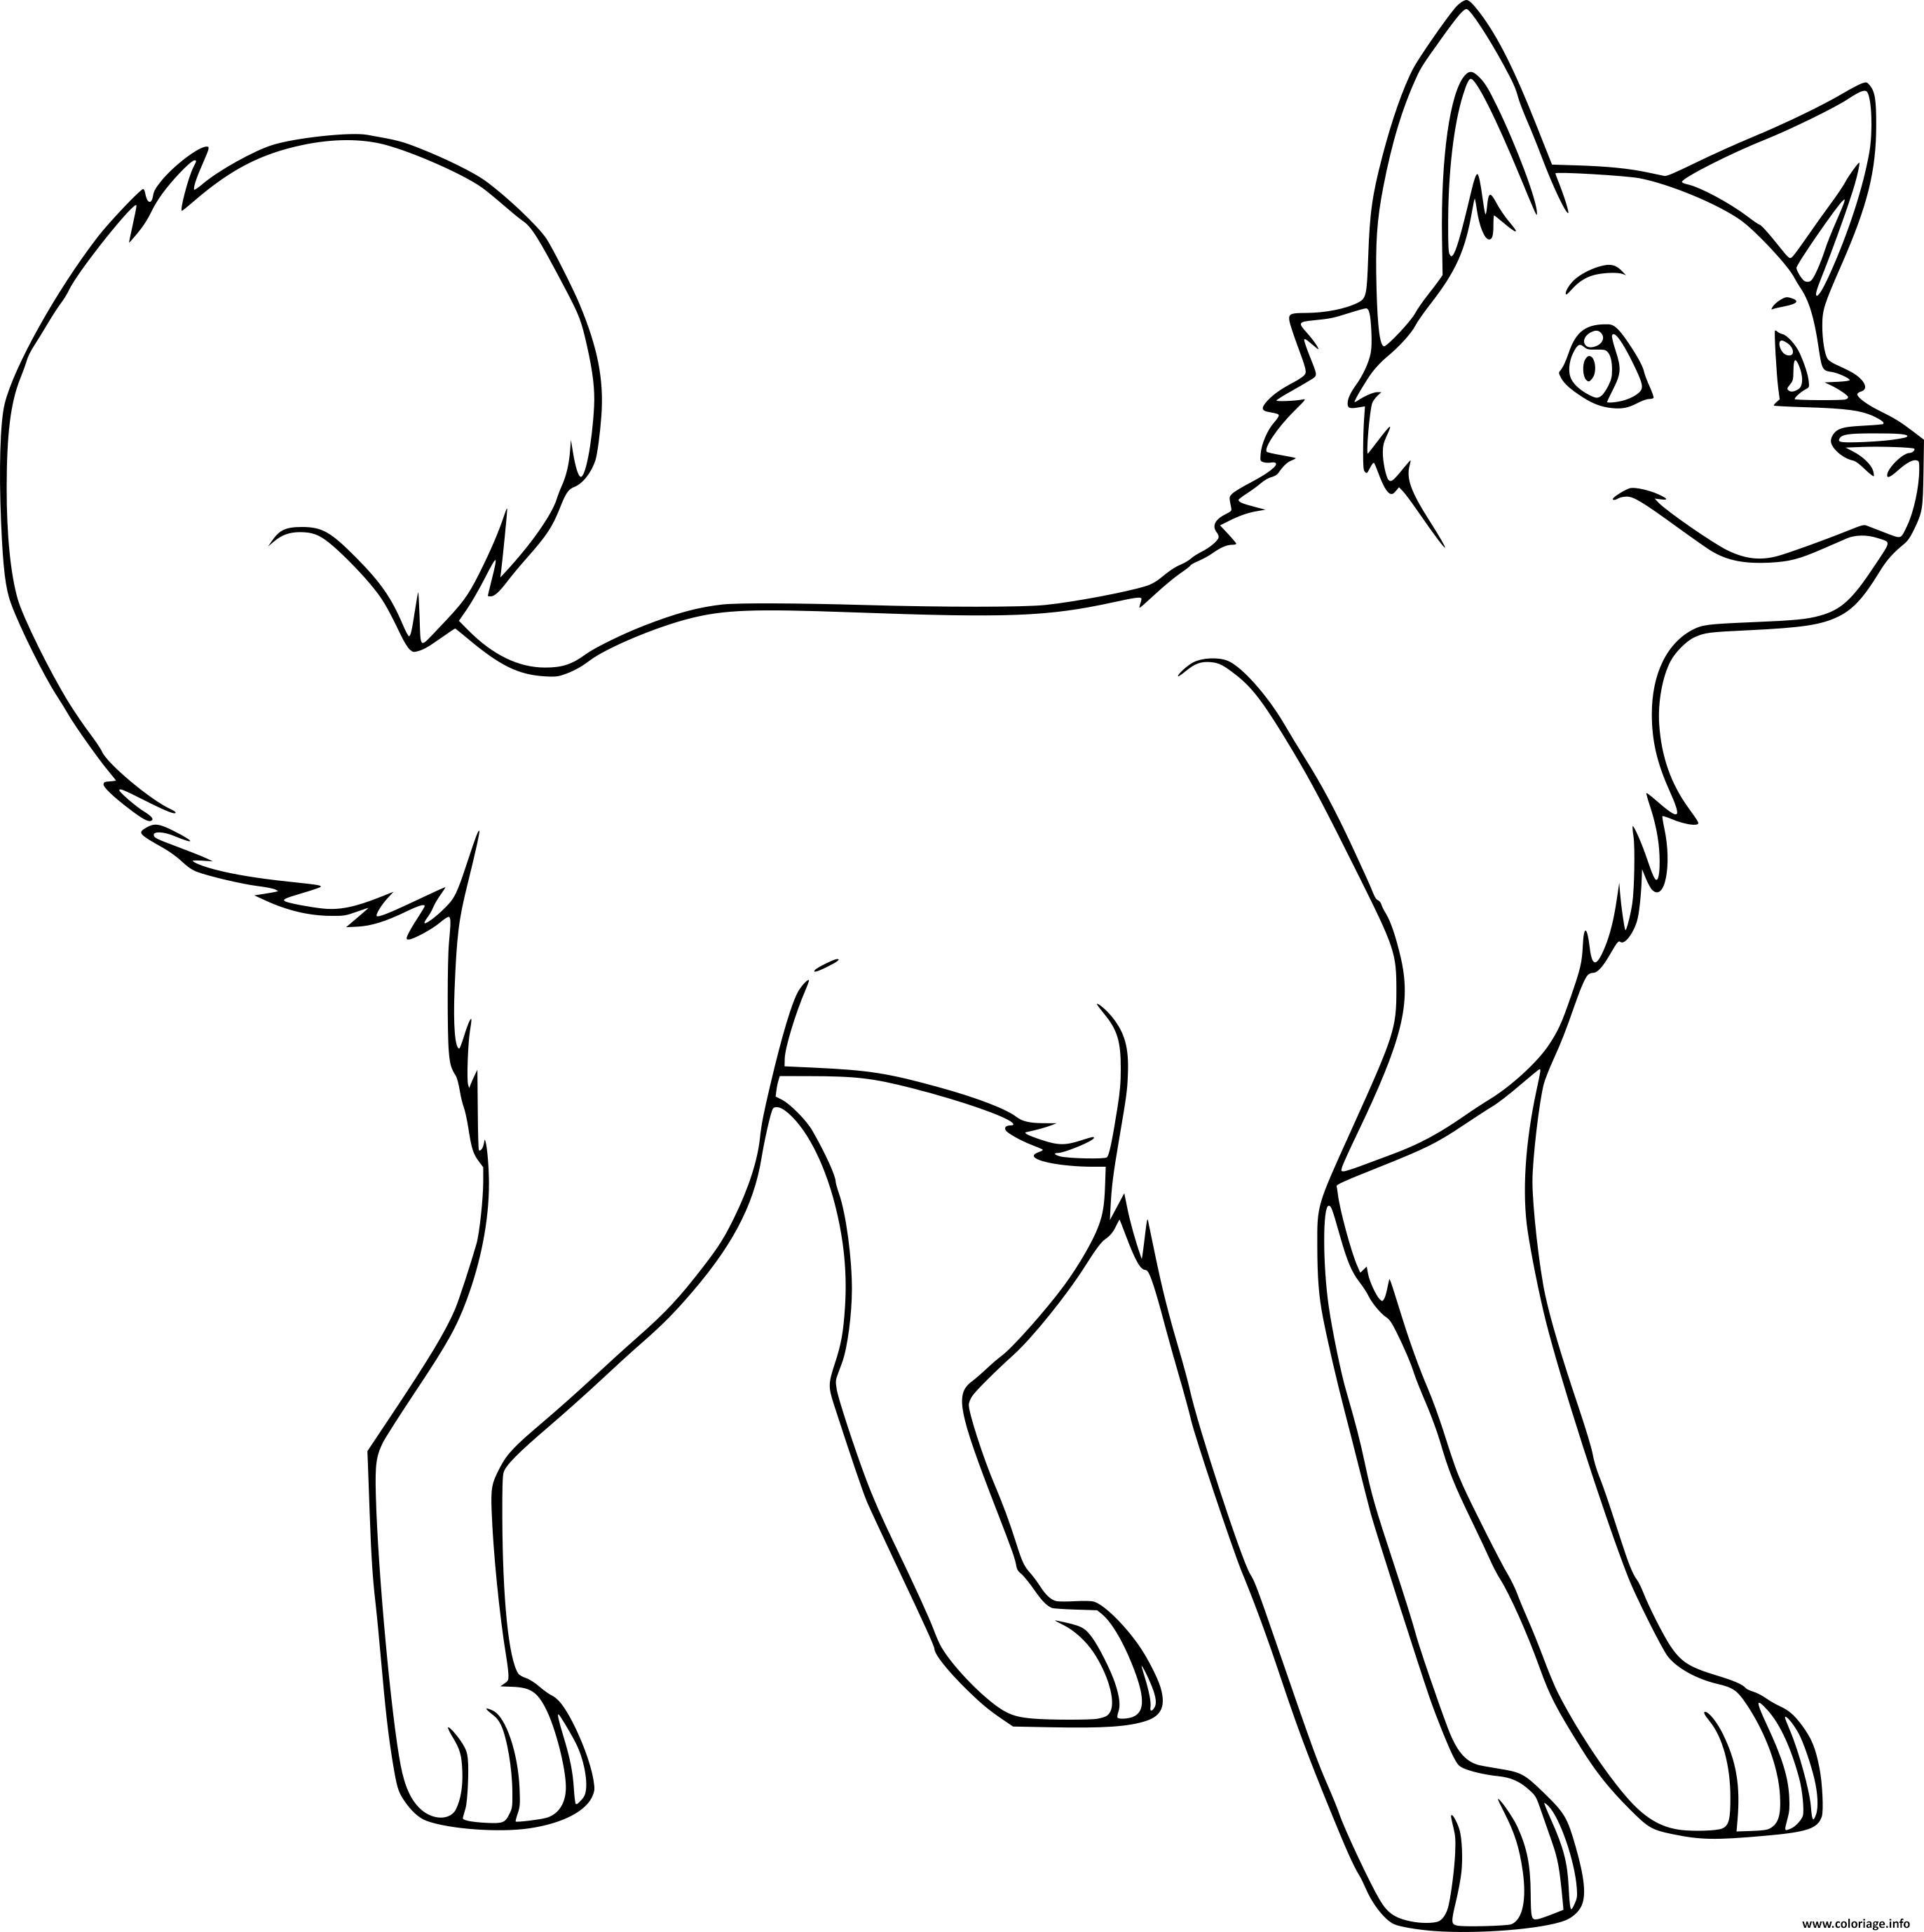 Coloriage Chien Husky Adorable dessin